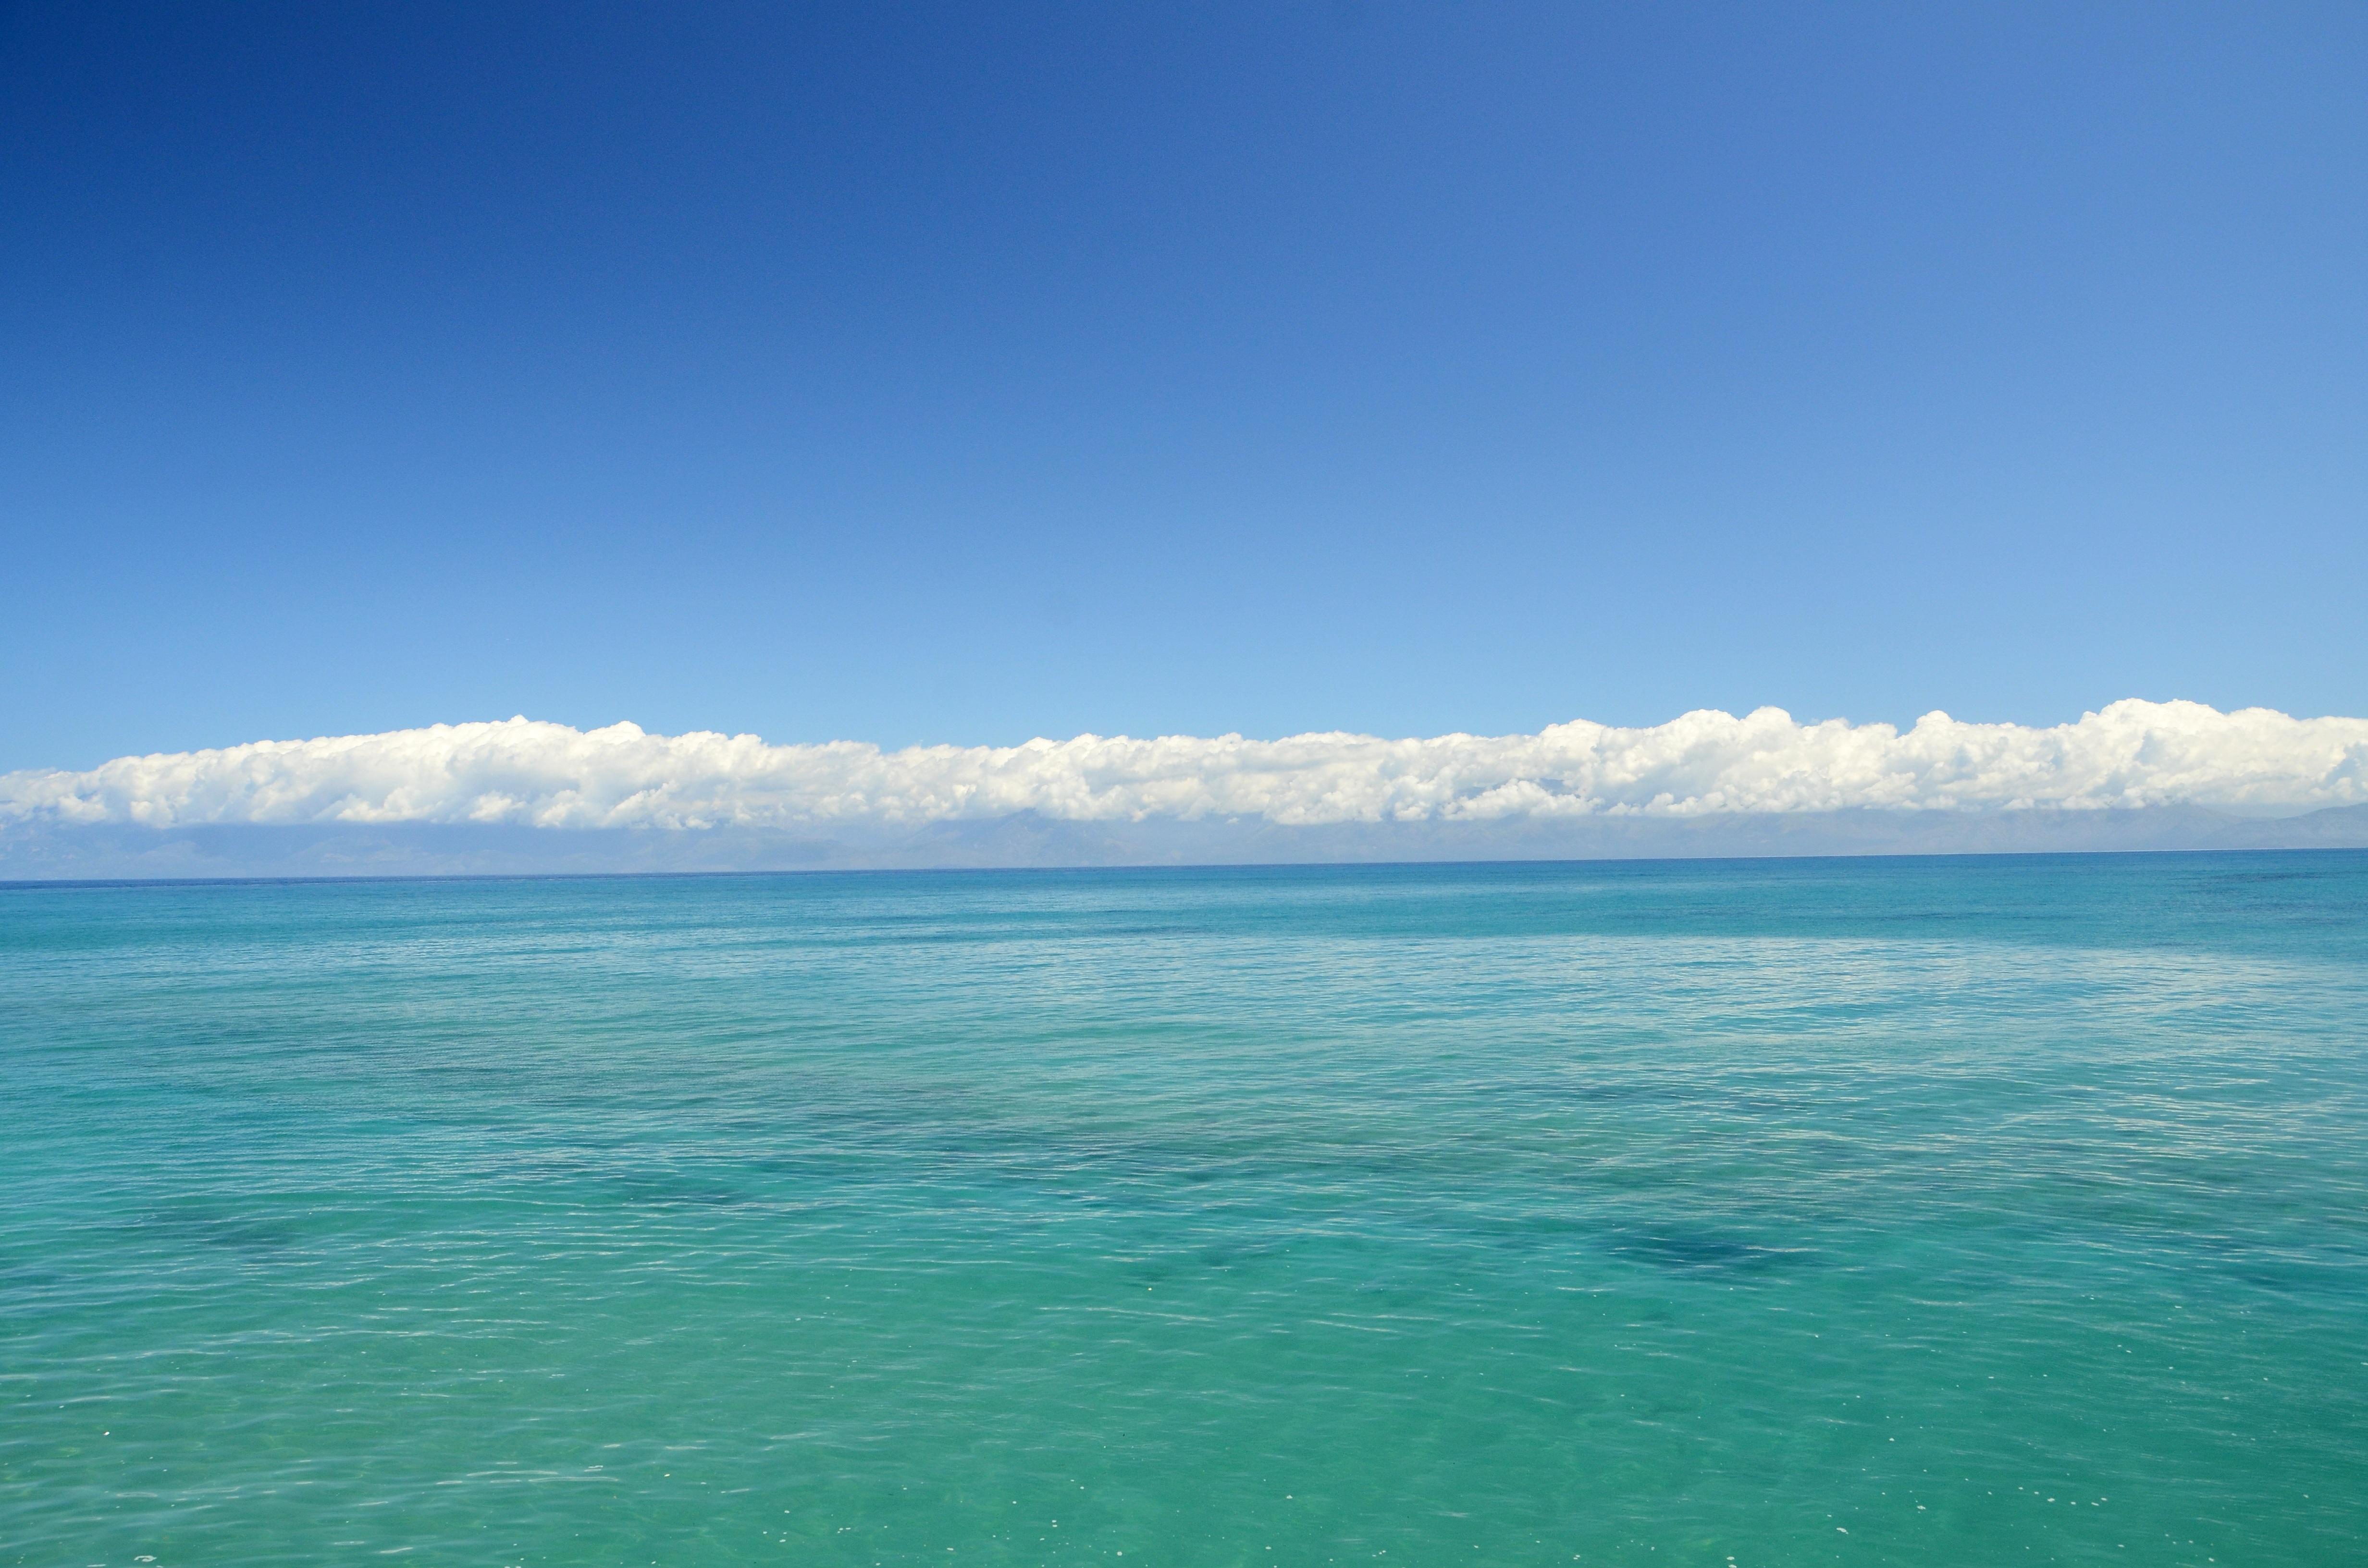 Images gratuites paysage mer c te horizon nuage for Images gratuites fond ecran mer